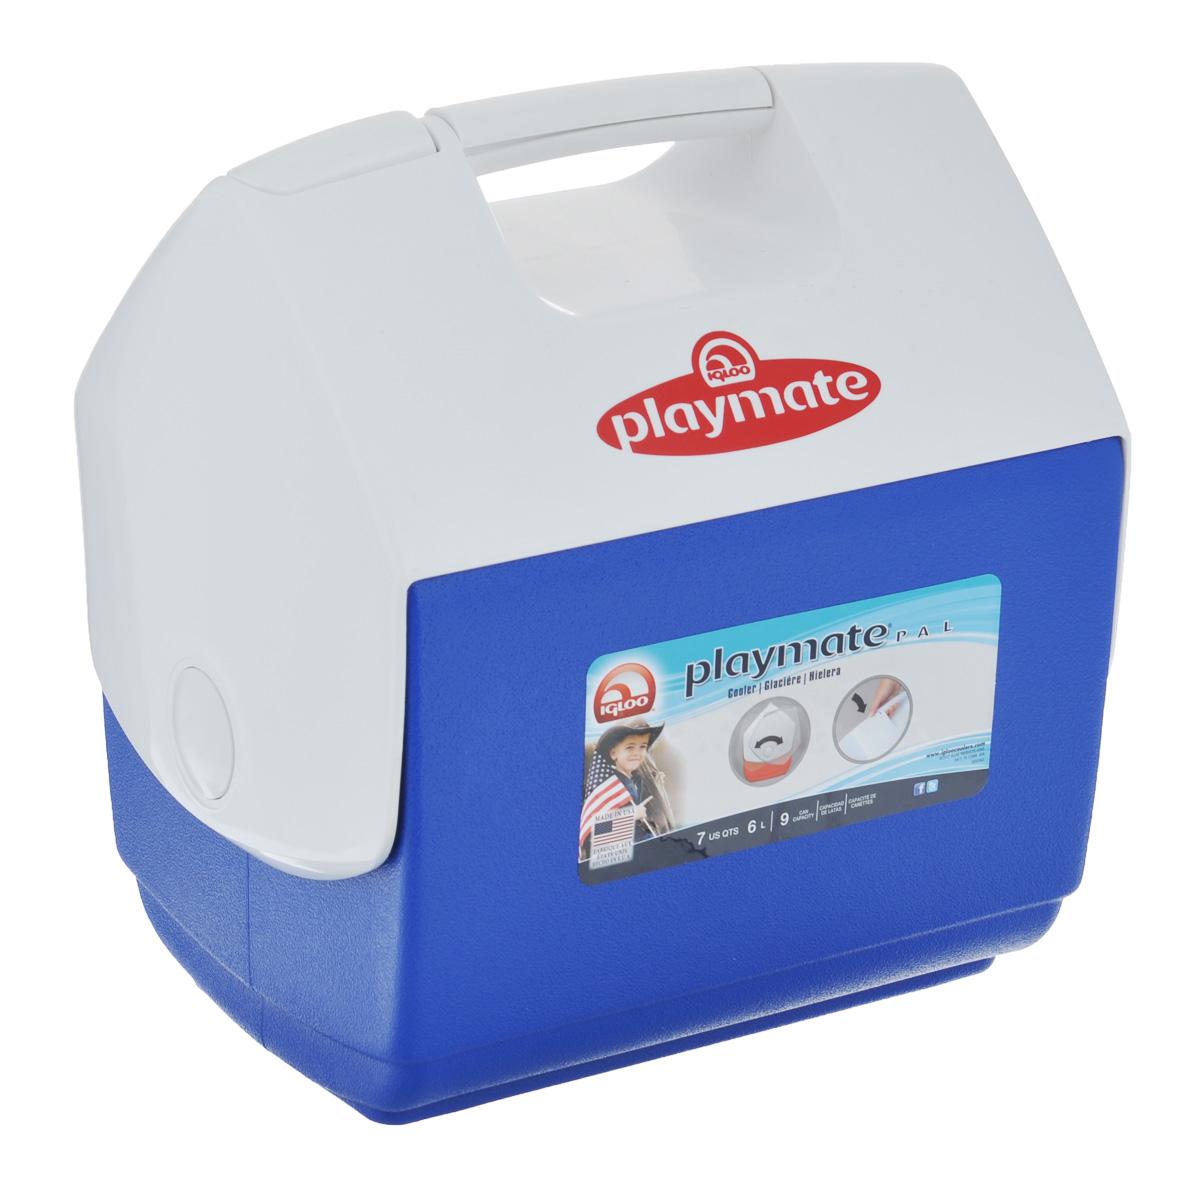 Изотермический контейнер Igloo Playmate Pal, цвет: синий, белый, 6 л7363Легкий и прочный изотермический контейнер Igloo Playmate Pal, изготовленный из высококачественного пластика, предназначен для транспортировки и хранения продуктов и напитков. Для поддержания температуры использовать с аккумуляторами холода. Особенности изотермического контейнера Igloo Playmate Pal: - оригинальный замок на верхней крышки Playmate-Realise для открывания одной рукой; - крышка распахивается, обеспечивая легкий доступ к содержимому; - фирменный дизайн Playmate; - защелка надежно фиксирует крышку; - UltraTherm изоляция корпуса и крышки сохраняет содержимое холодным; - эргономичный гладкий дизайн корпуса; - экологически чистые материалы.